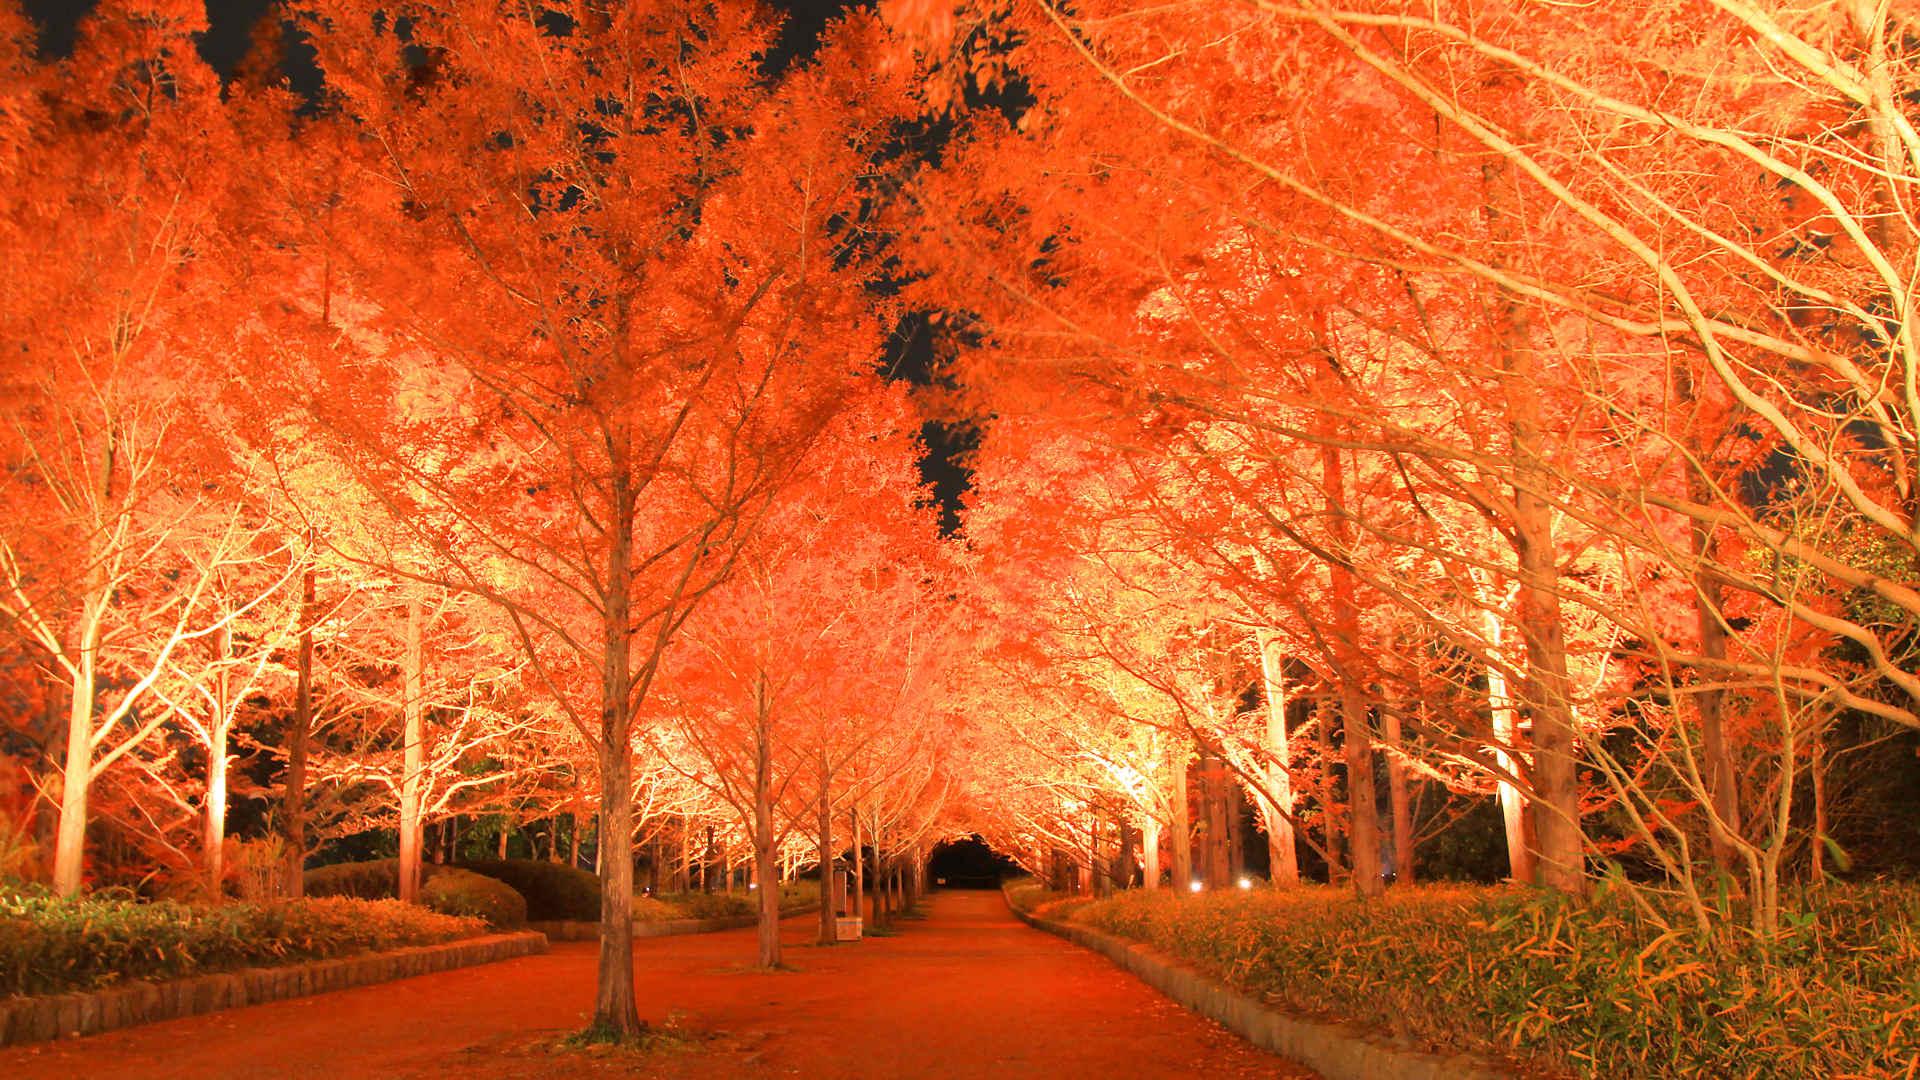 神戸市立森林植物園の紅葉の壁紙